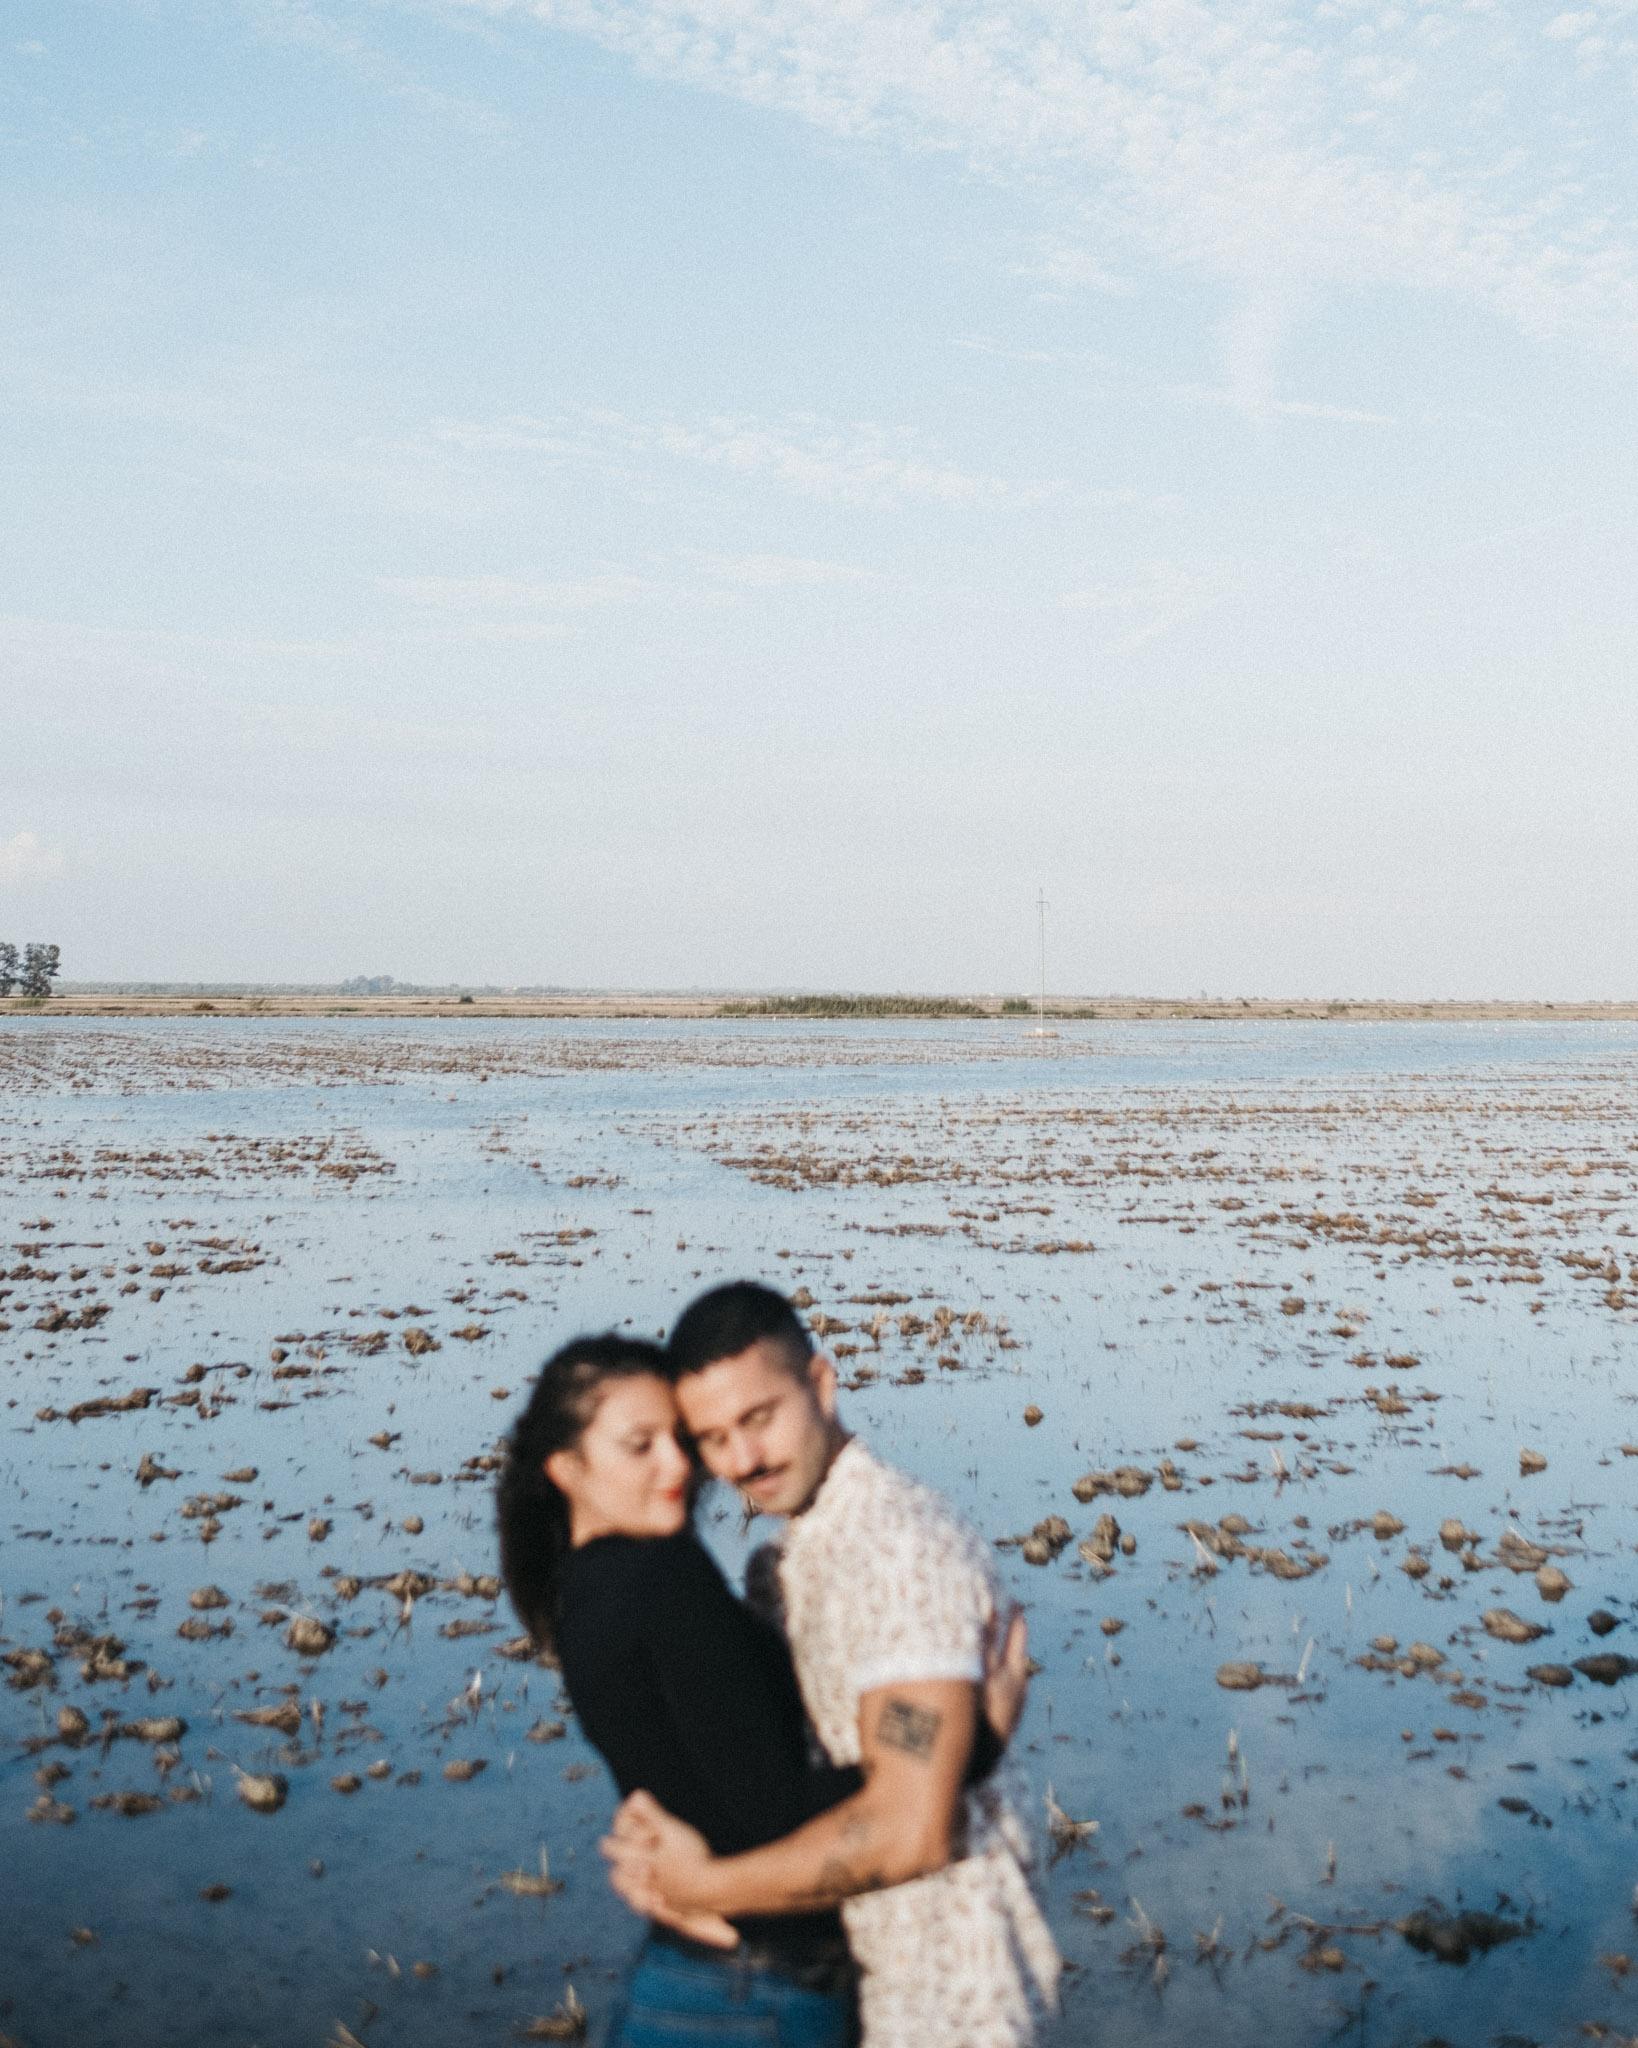 Diego&Lola_DFW_Wedding_Photography_11.jpg